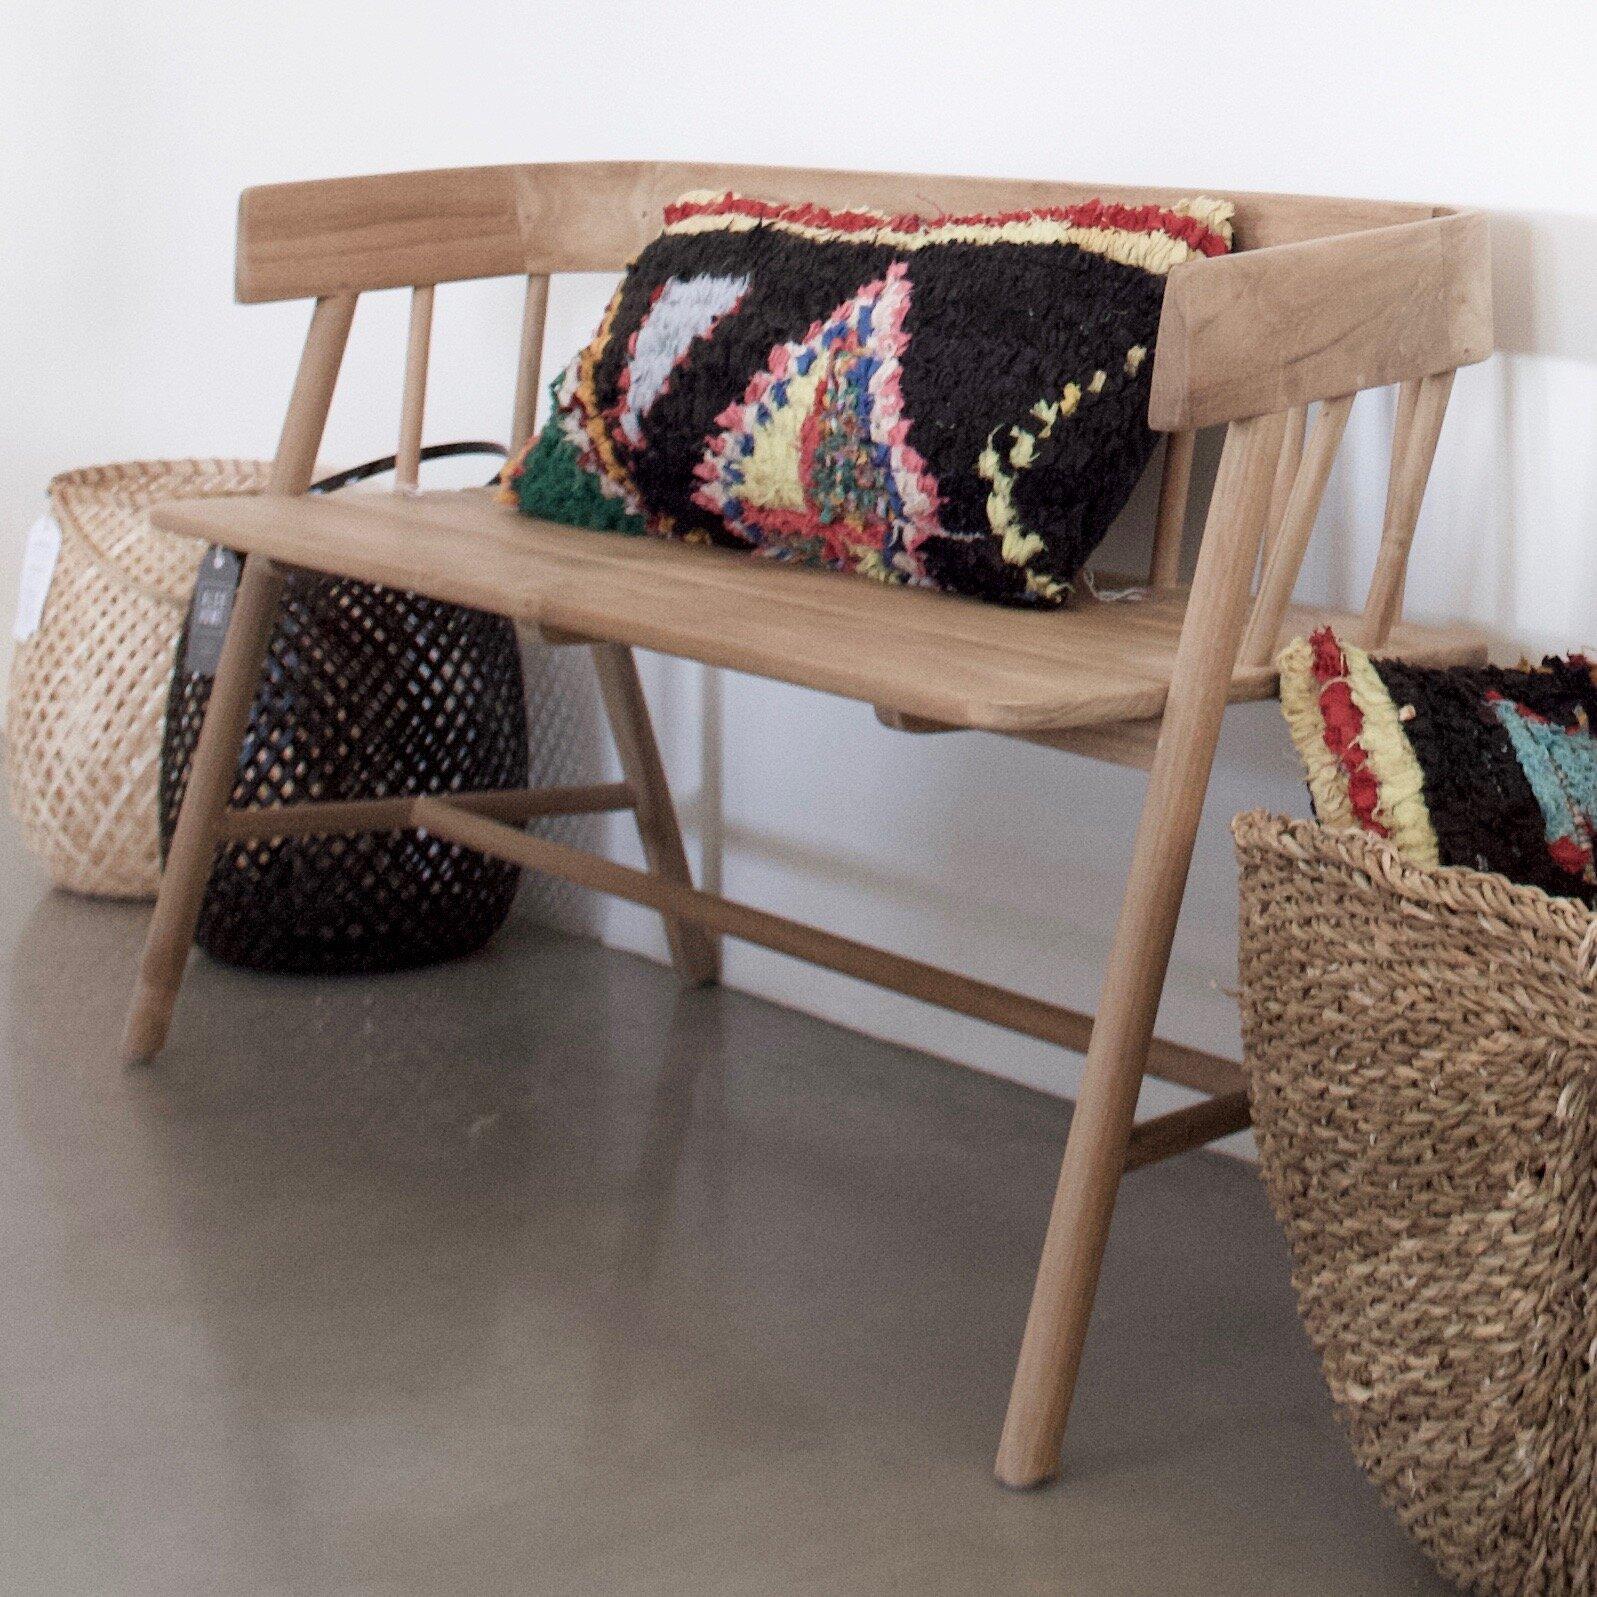 Bench £495, Cushion £120